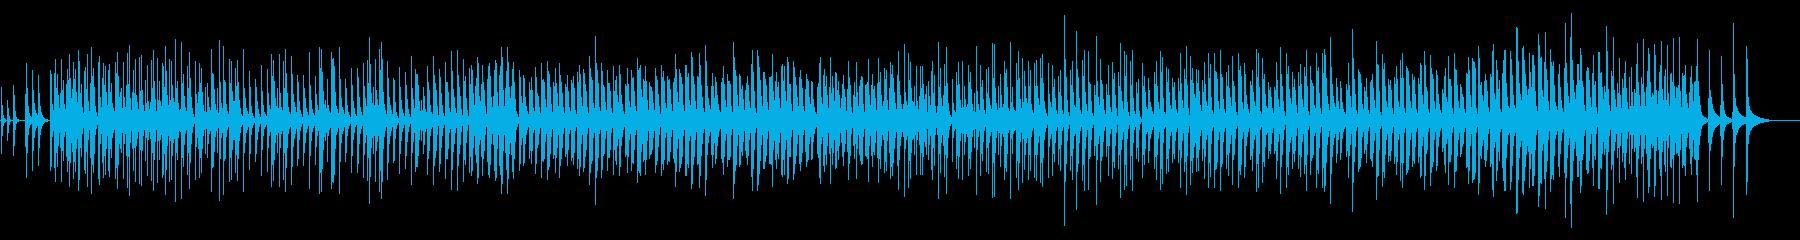 天国と地獄 木琴アンサンブルの再生済みの波形